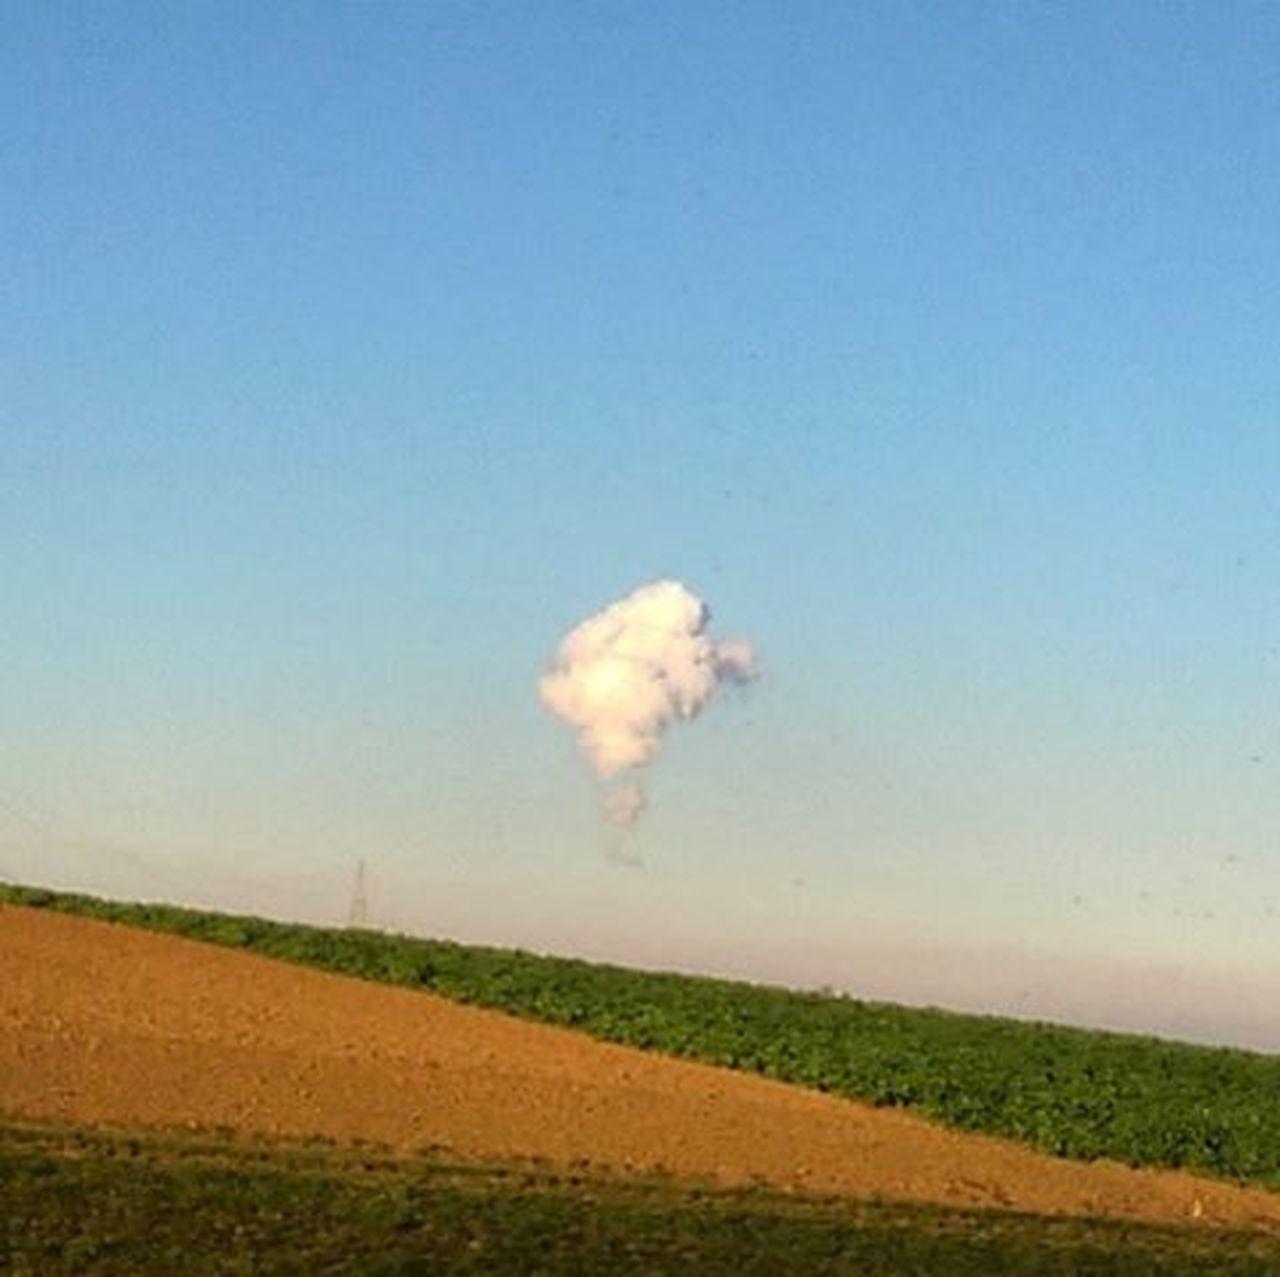 Wo ist der Dschinn? Ichwuenschemir Dschinn Aladin Wunderlampe Natur Wolkenspiel Latergram Ichliebedenherbst